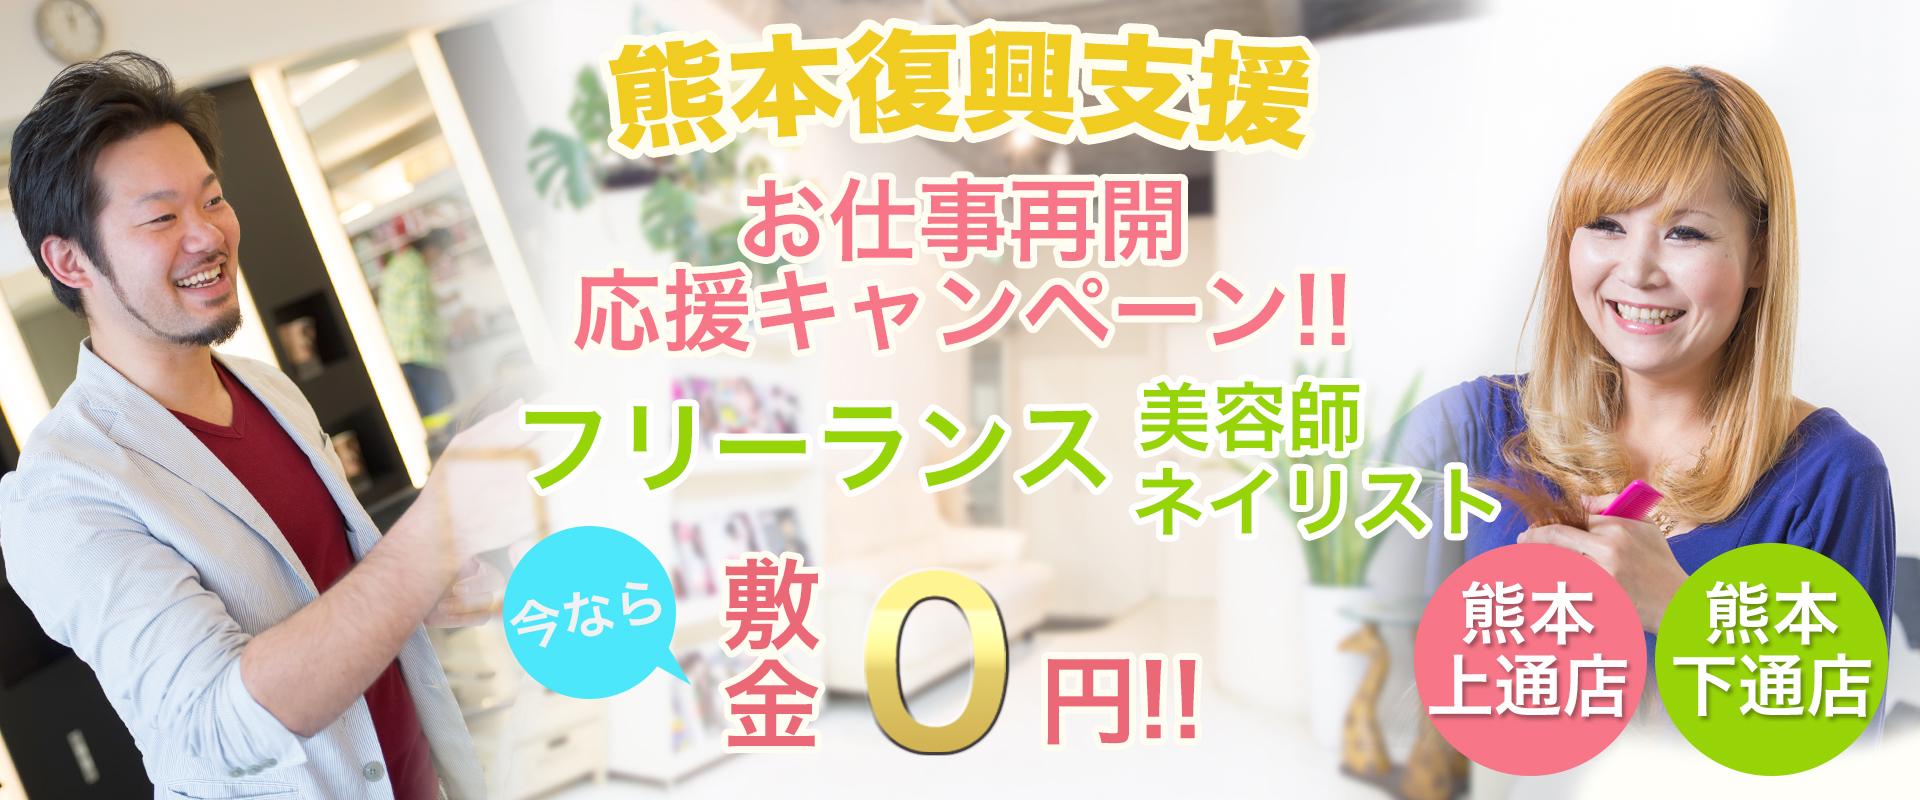 Real me福岡上通店・下通店、熊本復興支援キャンペーン